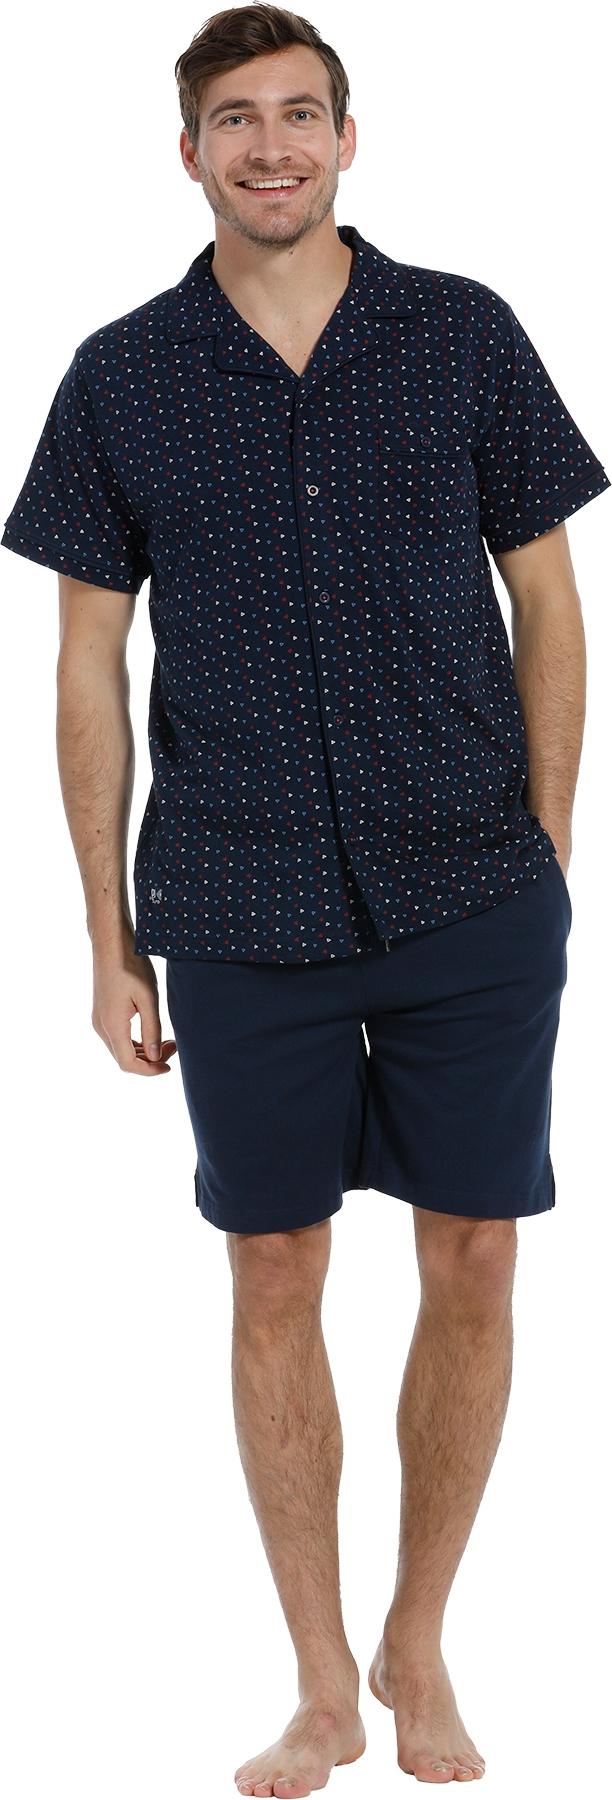 Mix & Match heren doorknoop shirt Pastunette 4399 624 7